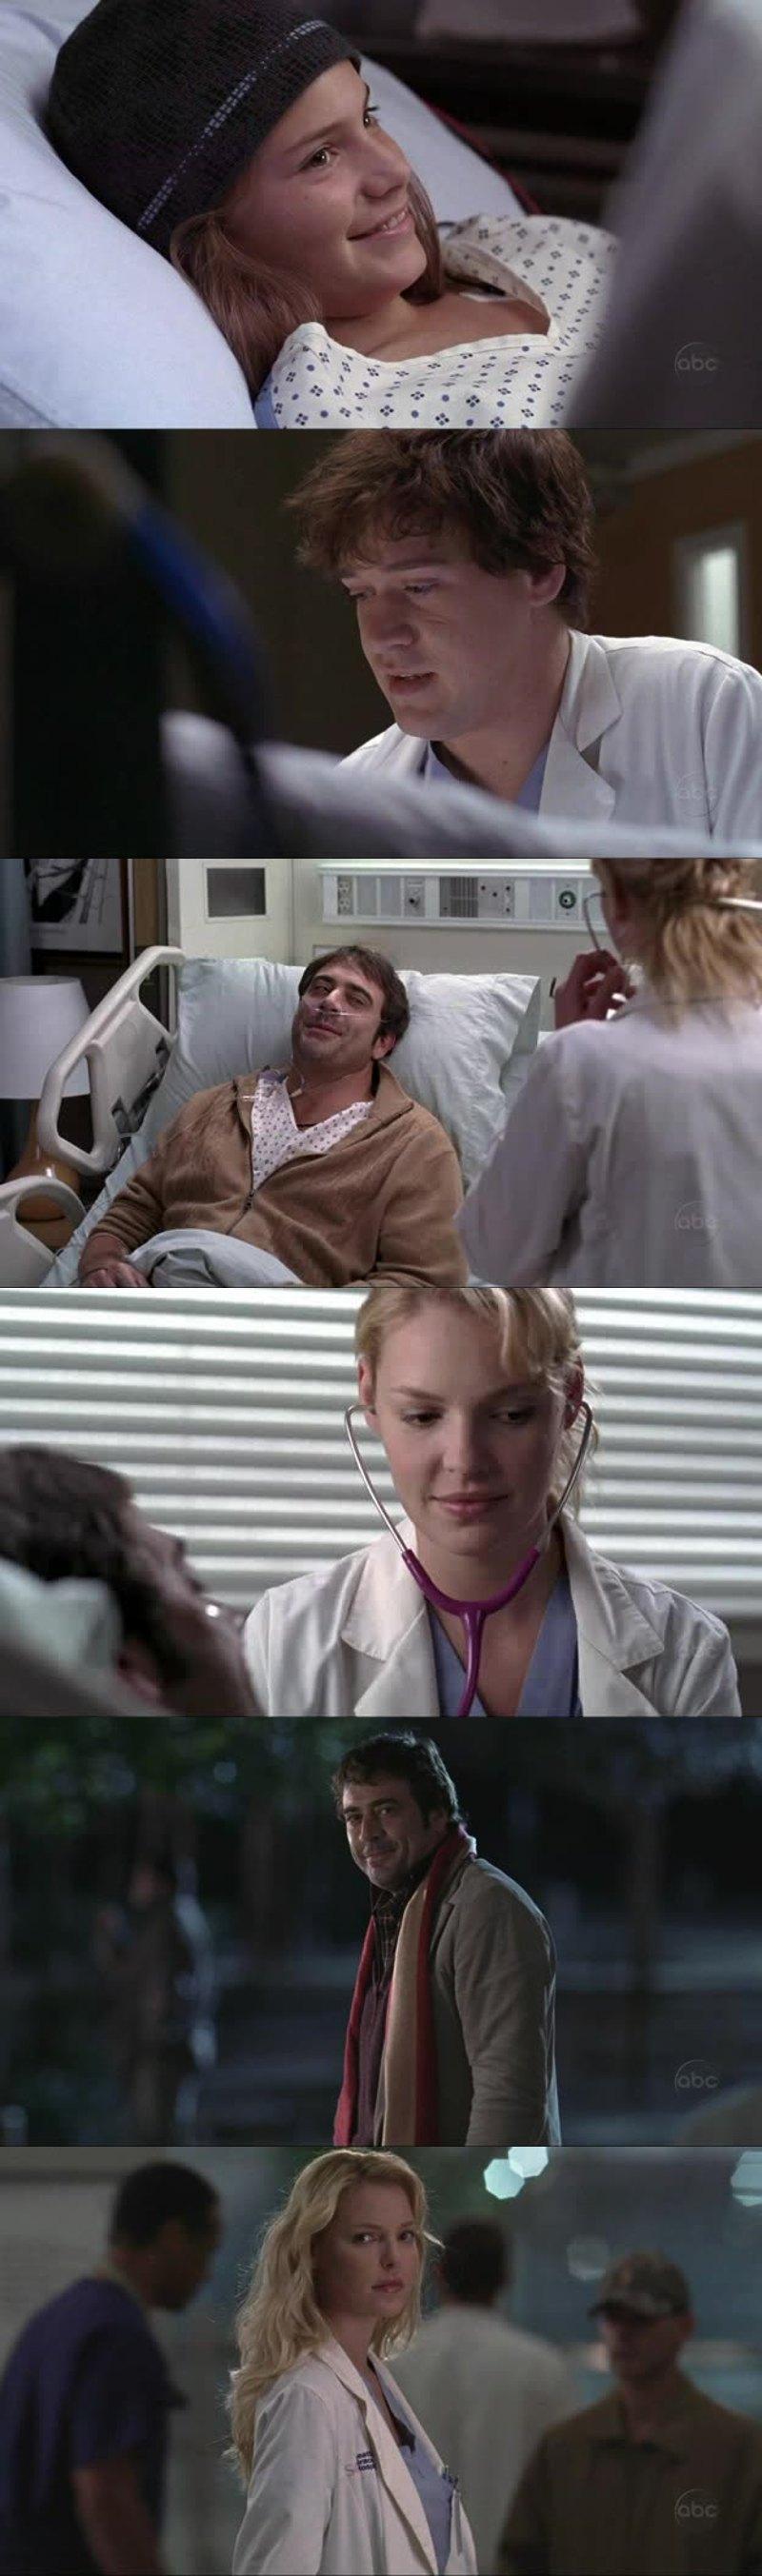 George sempre subindo no meu conceito kra, e Izzie espero que fique com ele😍..lindo casal, espero que ela não volte para o Alex😠...